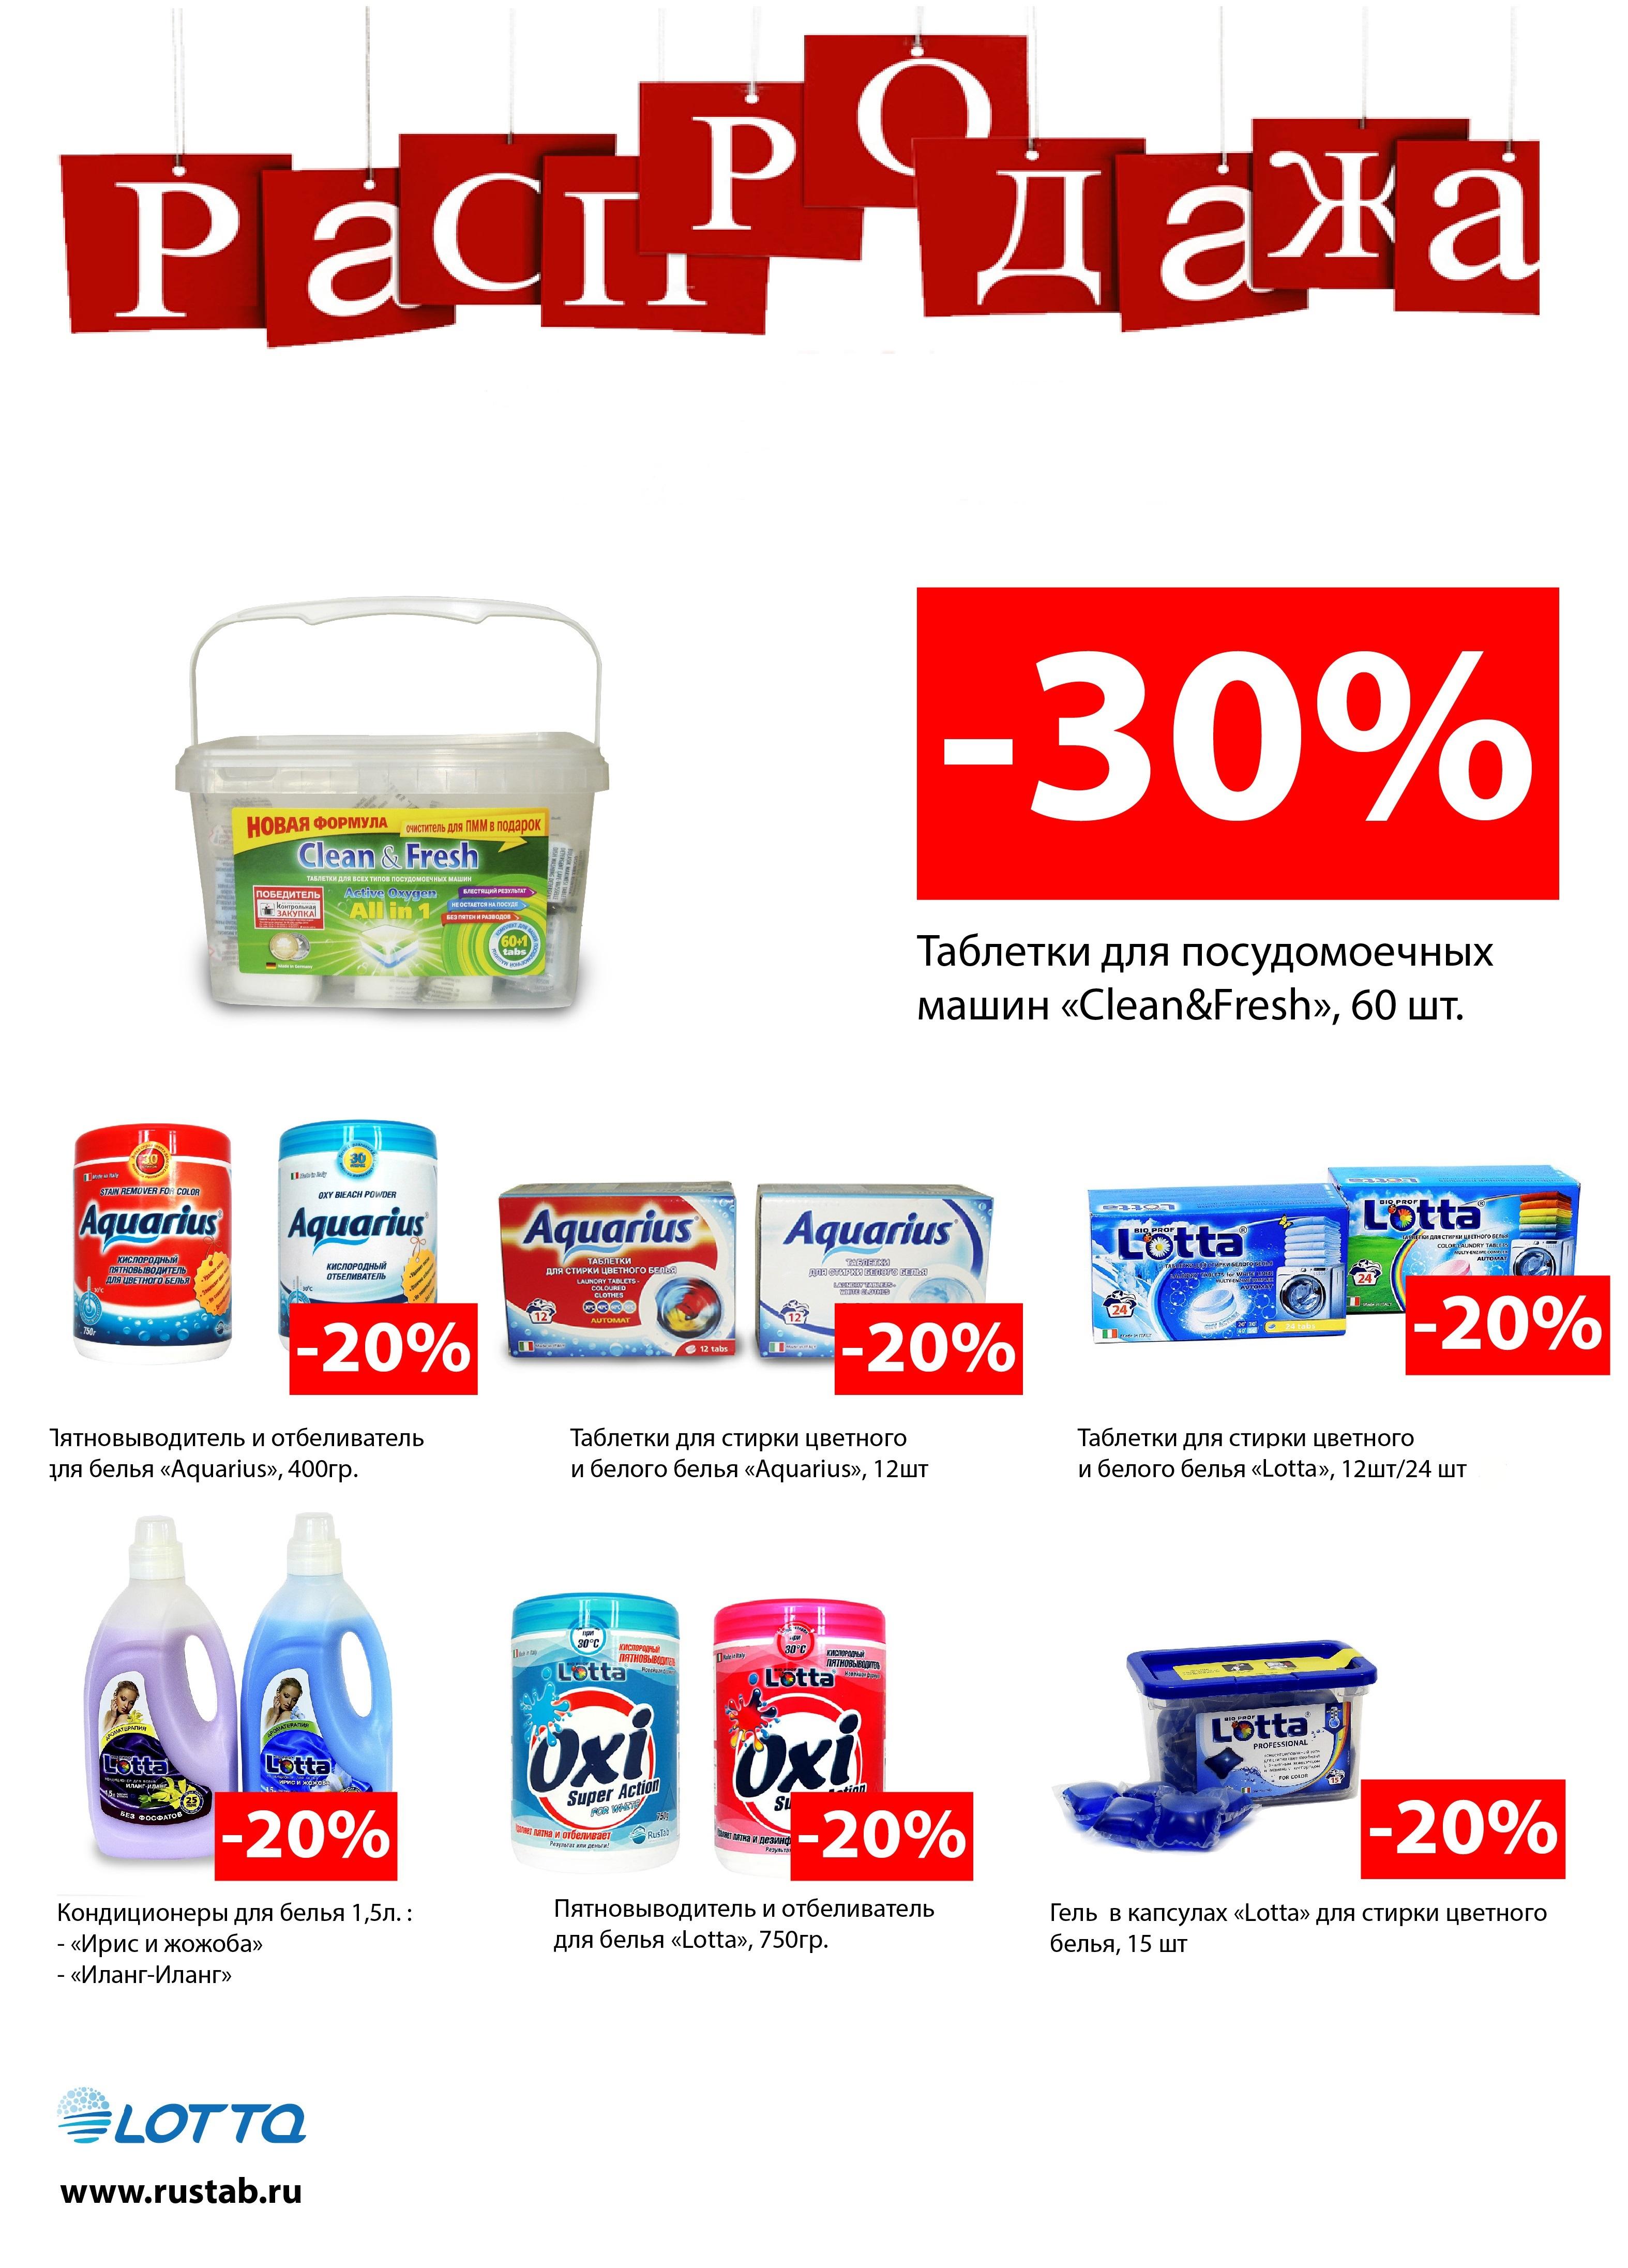 Супер Распродажа! Таблетки для посудомоечной машины Clean&Fresh 60таб всего 360р!! Немецкое качество по супер цене. А так же скидка 20% на отбеливатели, пятновыводители и таблетки для стирки белья! Запасаемся! Последний выкуп лета.